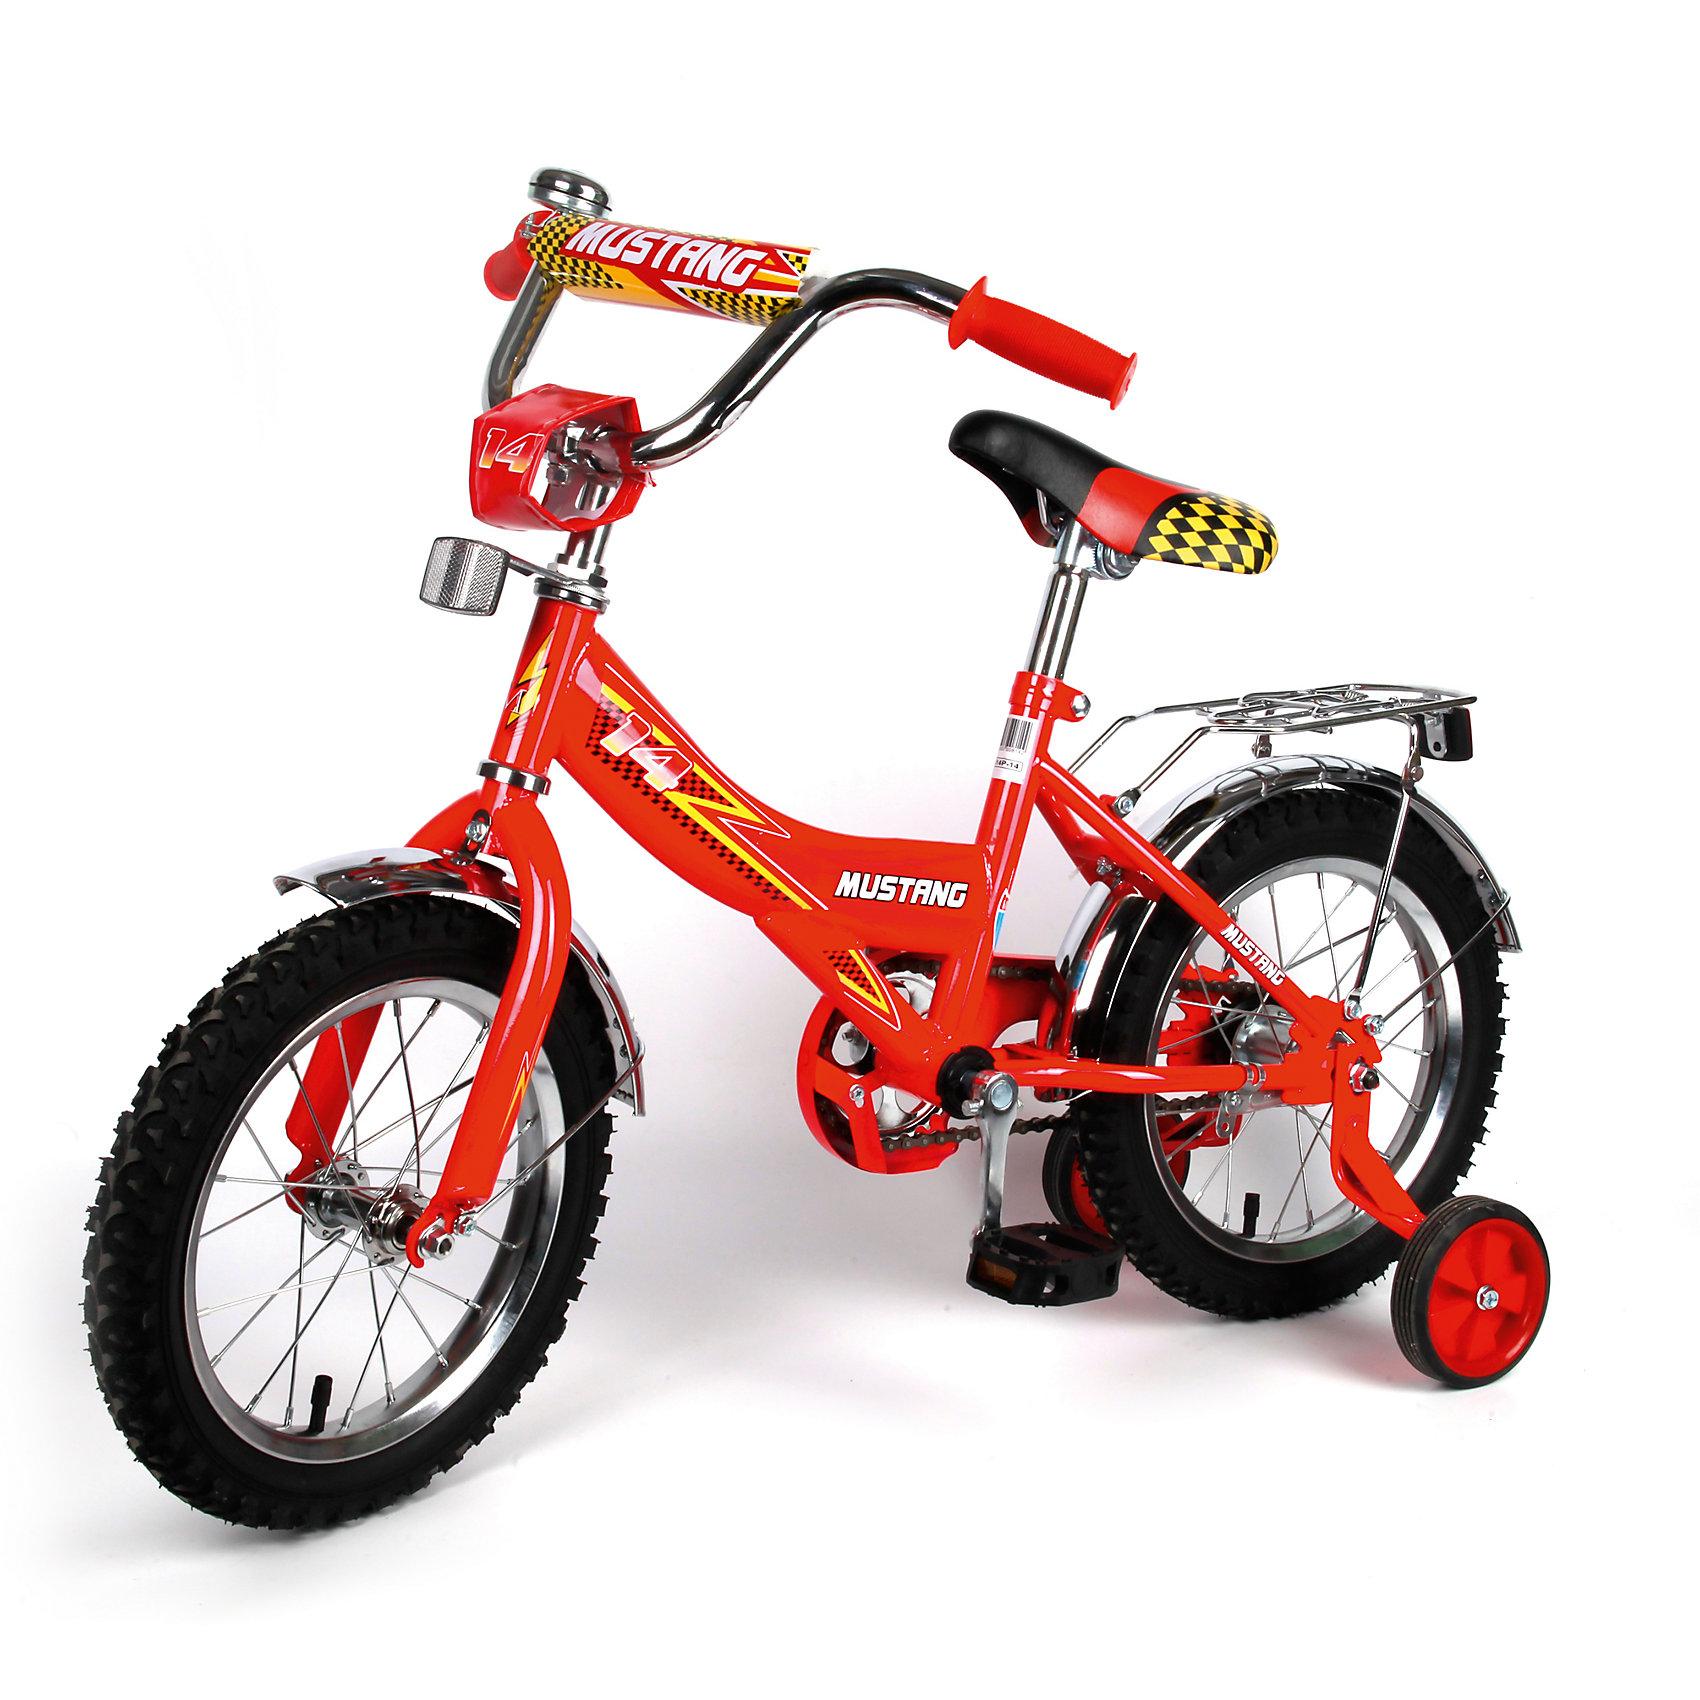 """Детский велосипед,  16"""",  красный, MustangВелосипед детский «Mustang» 16"""", низкая Push-рама, 1 скорость, задний ножной тормоз, регулируемый хромированный руль BMX с защитной накладкой, багажник и звонок, приставные пластиковые колеса с усиленным кронштейном, полная защита, ограничитель поворота руля, цепи """"P"""" типа, усиленные хромированные крылья,  красный<br><br>Ширина мм: 530<br>Глубина мм: 810<br>Высота мм: 1110<br>Вес г: 11500<br>Возраст от месяцев: 36<br>Возраст до месяцев: 84<br>Пол: Женский<br>Возраст: Детский<br>SKU: 5526384"""